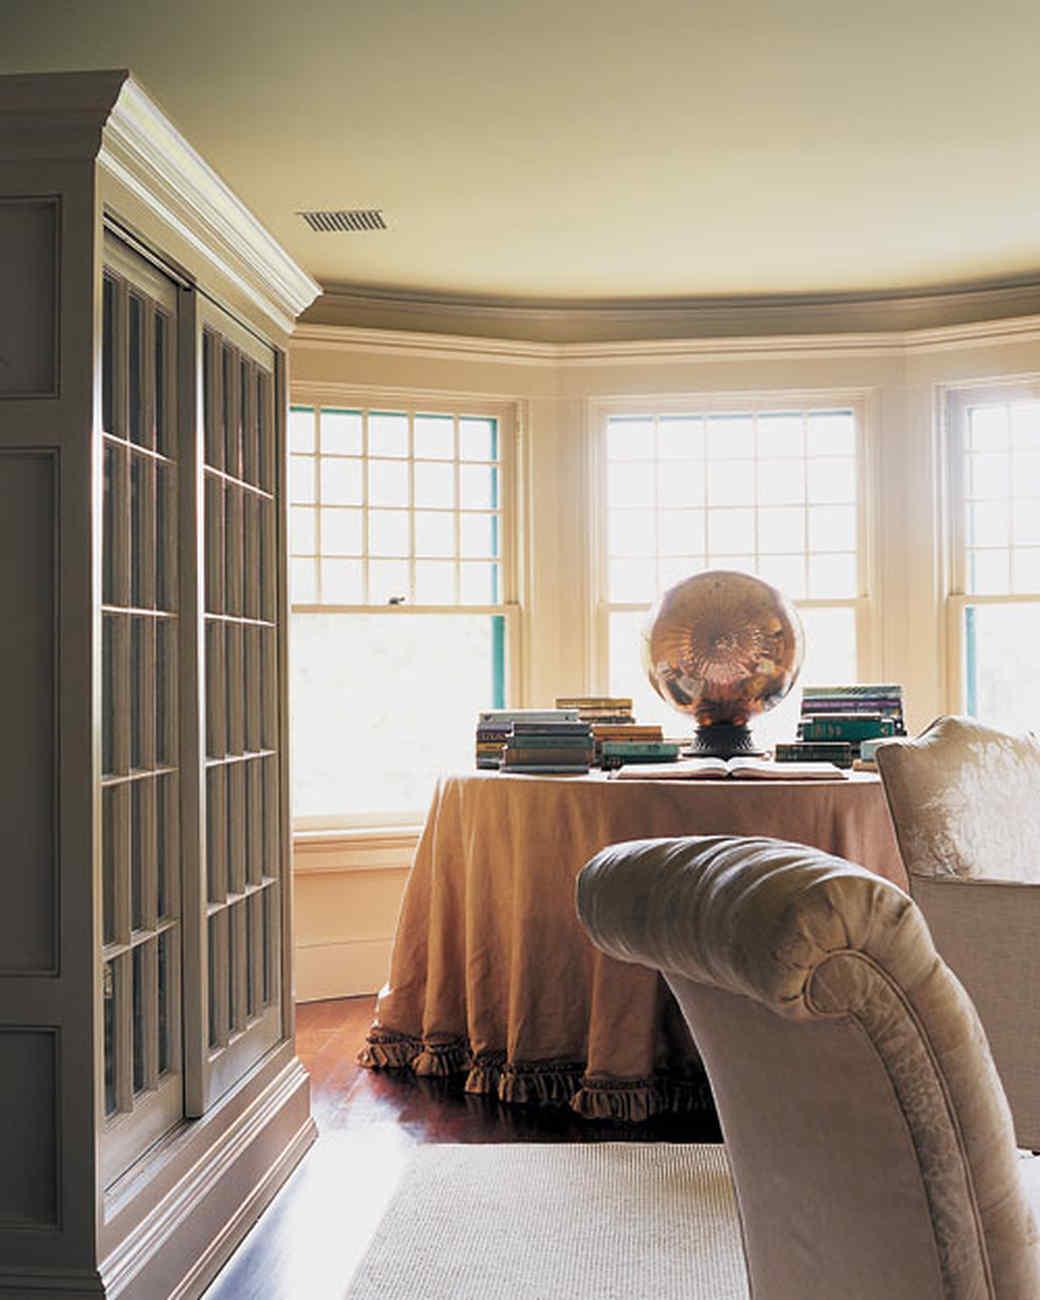 msl_feb03_209bb16_livingroom.jpg